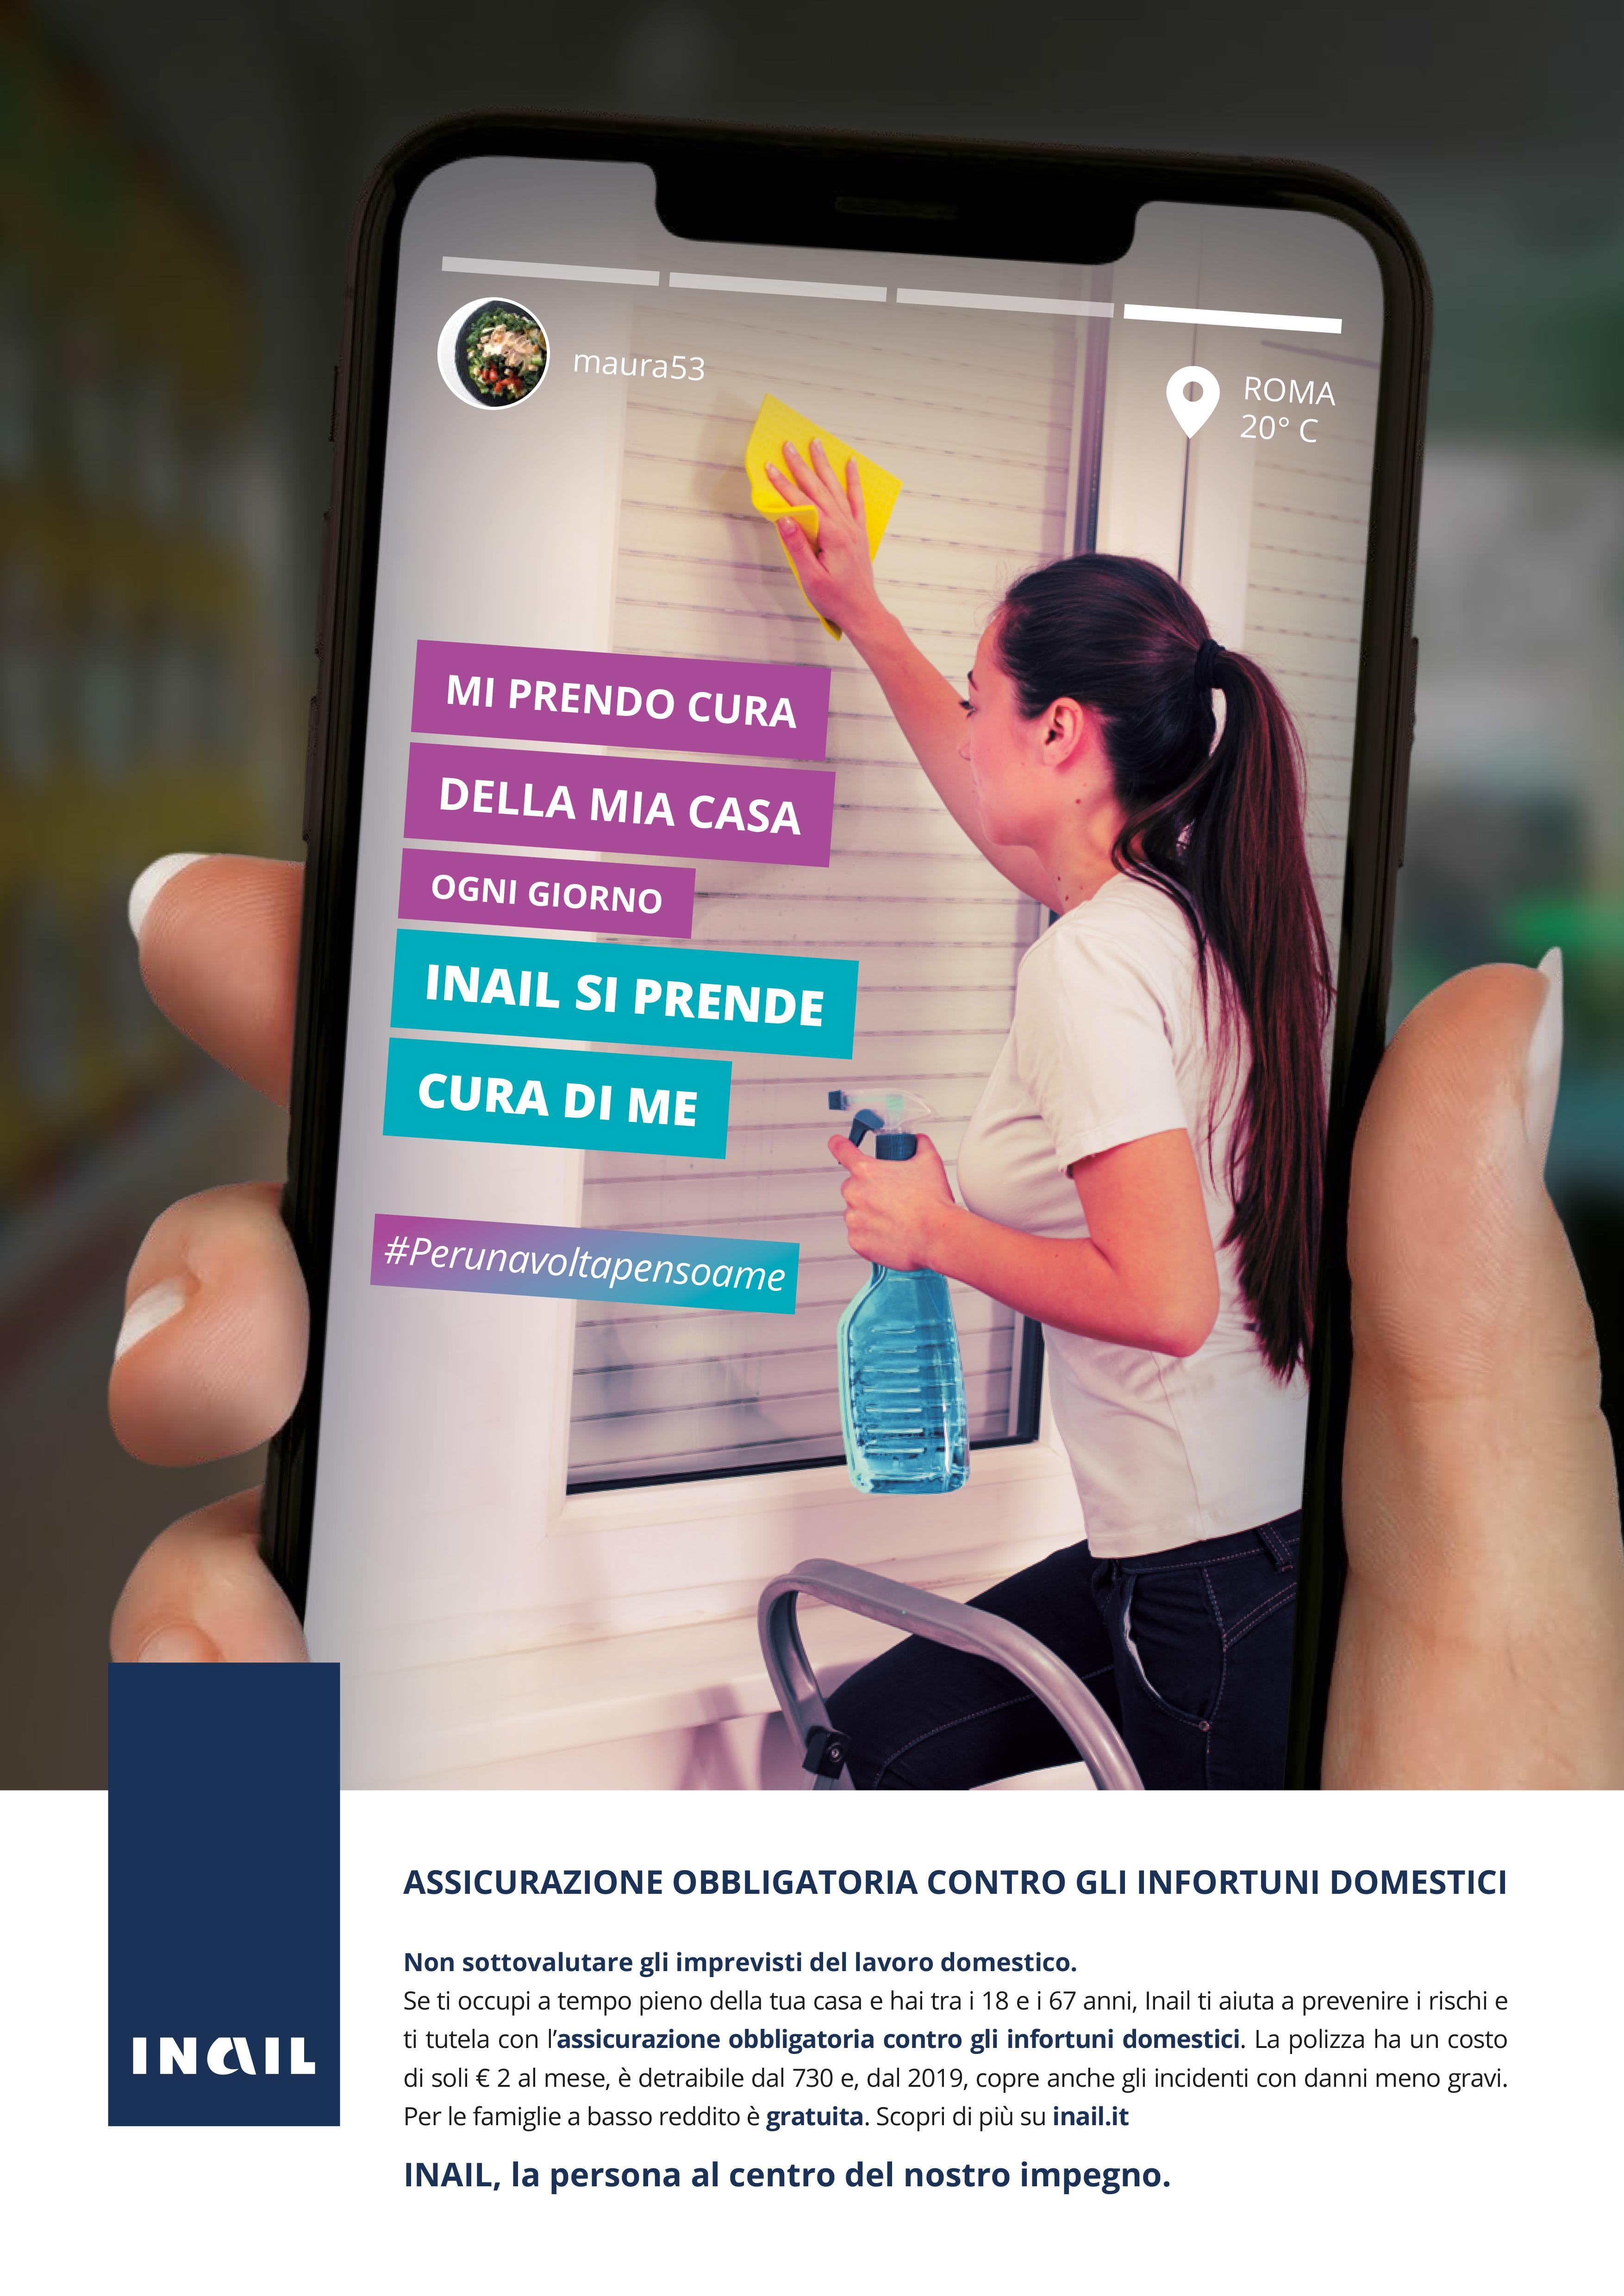 Le attività informative intendono promuovere la cultura della prevenzione dei rischi per la salute e sicurezza legati alle attività lavorative svolte in casa e il valore sociale della tutela assicurativa obbligatoria